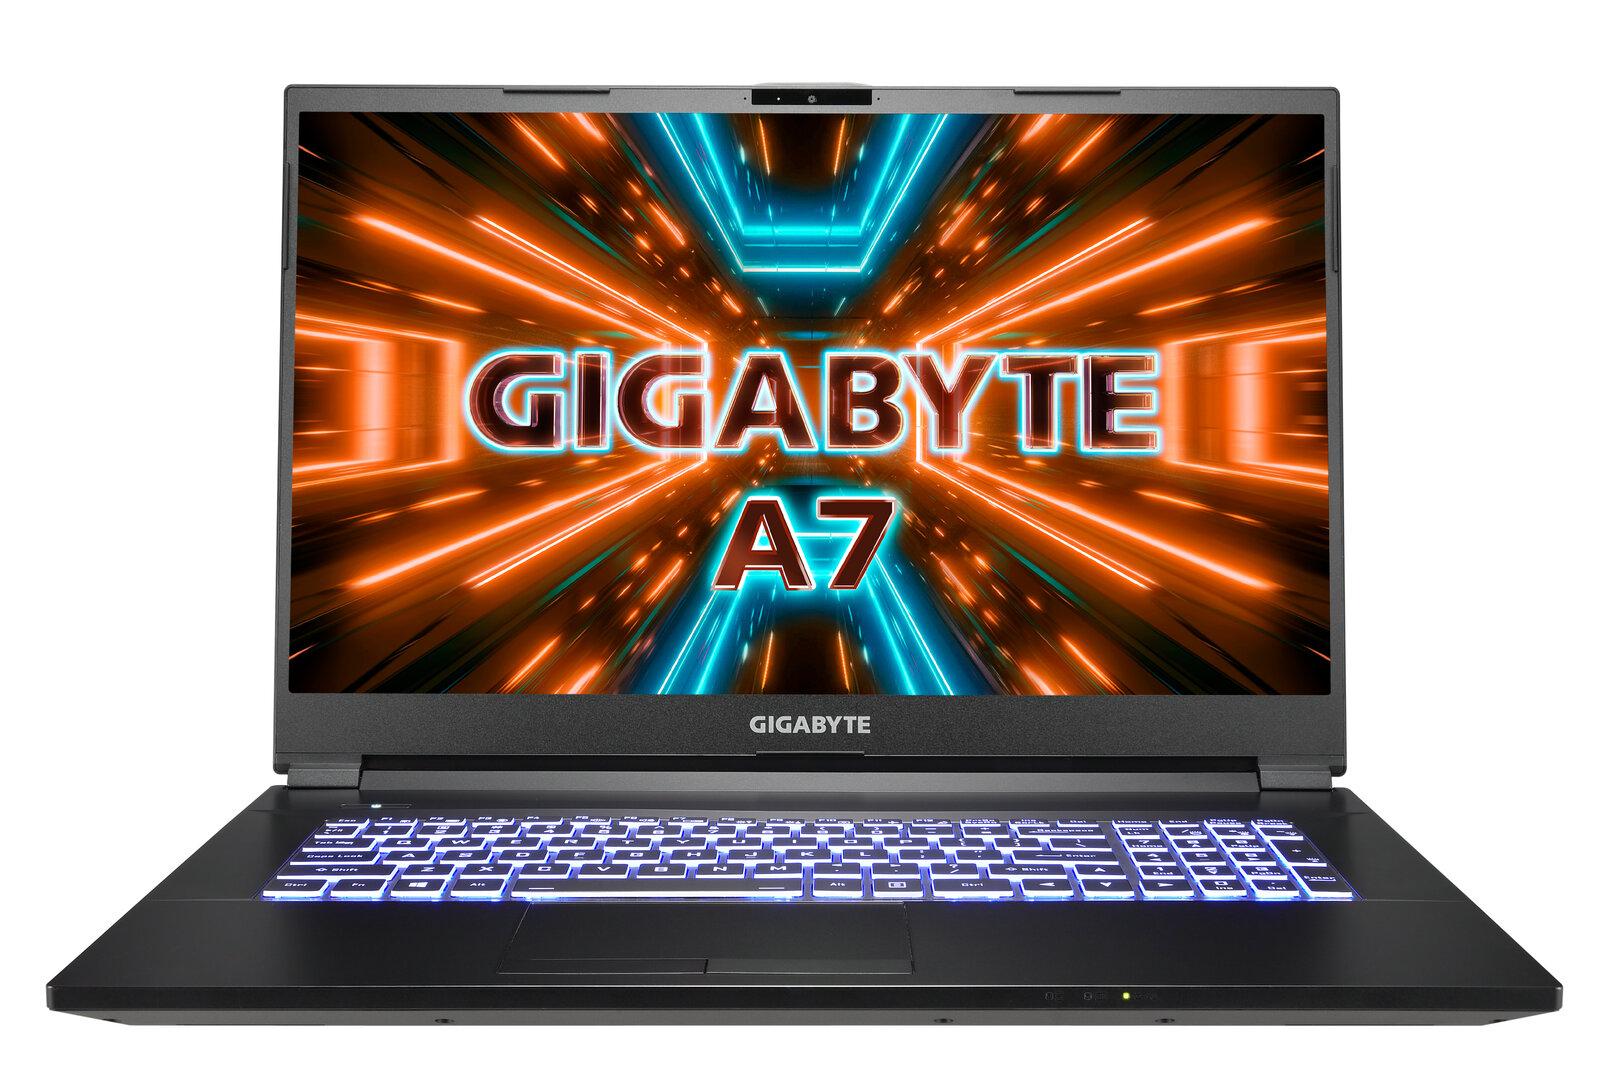 Gigabyte A7 mit RTX 3000 und AMD Cezanne